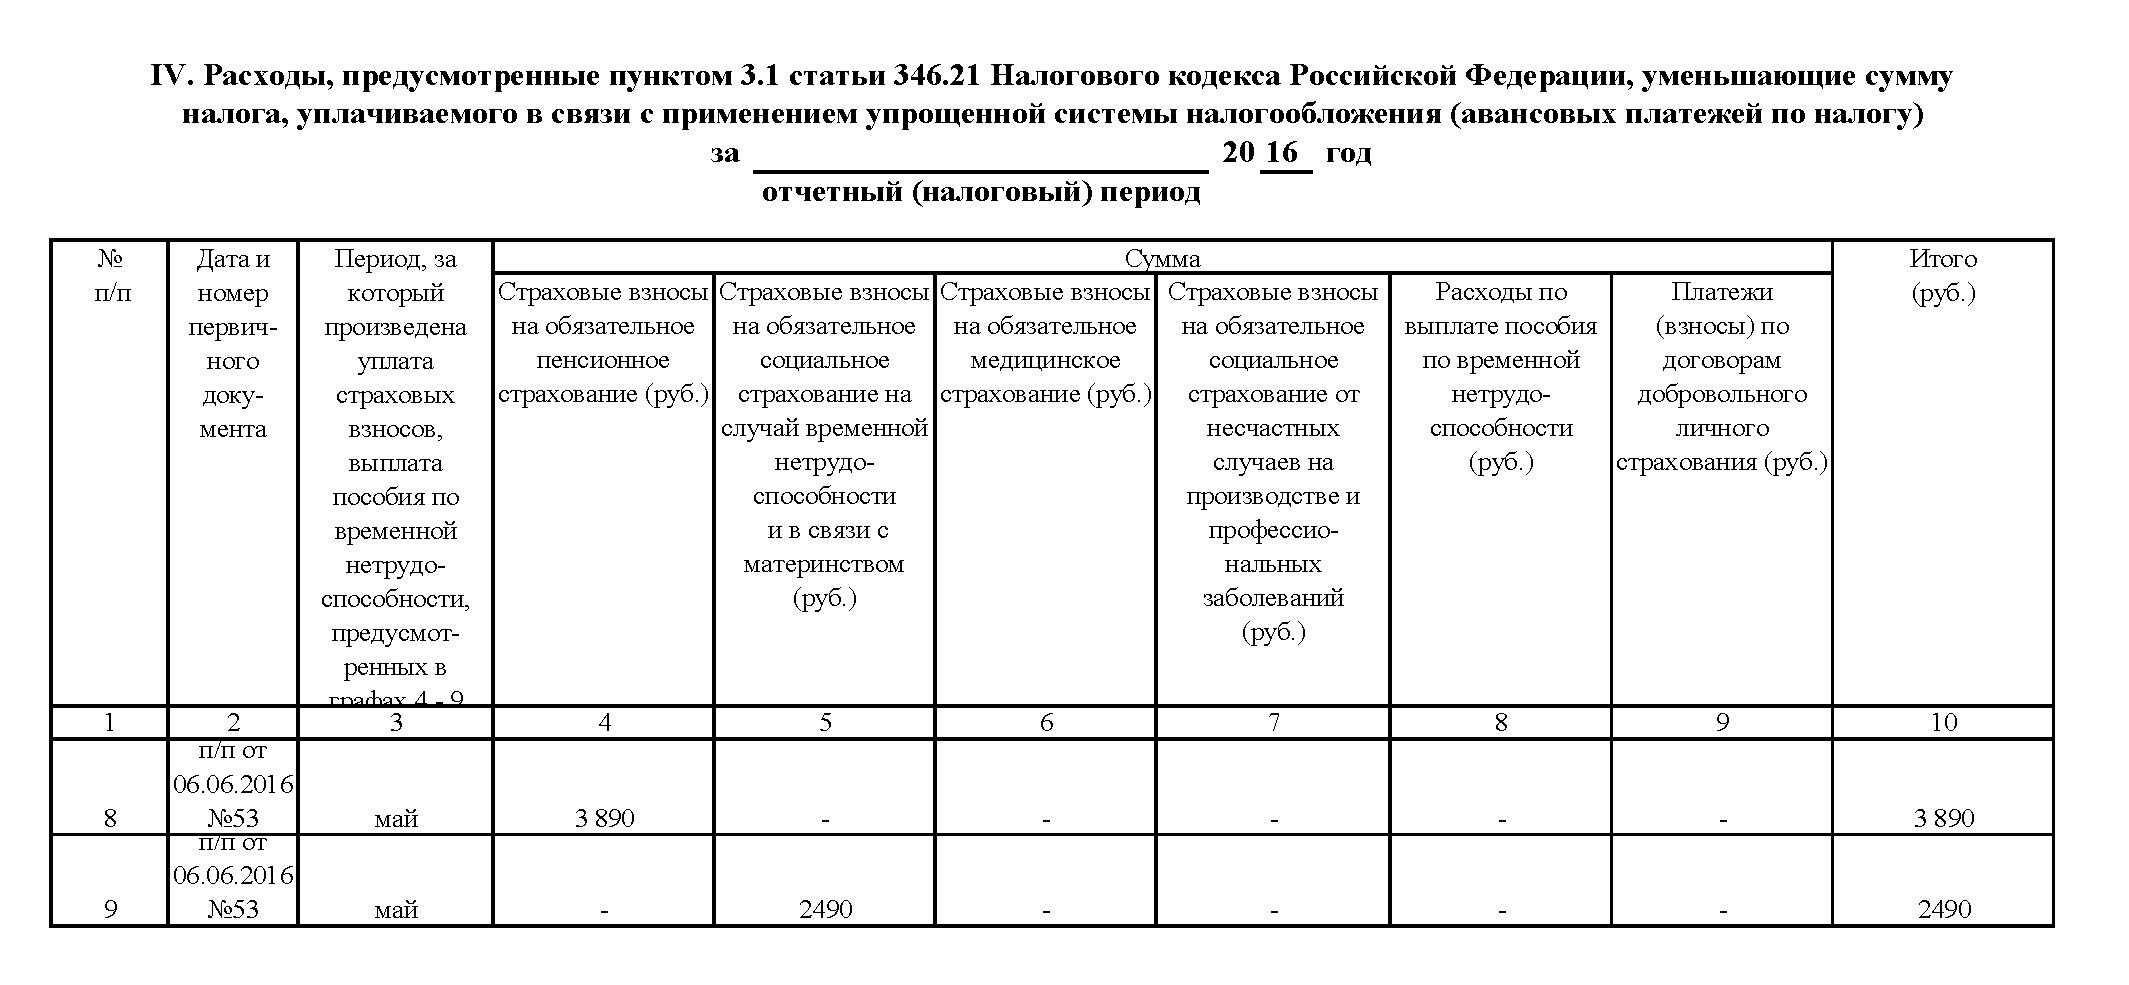 КУДИР для ИП на УСН 6 процентов: образец заполнения